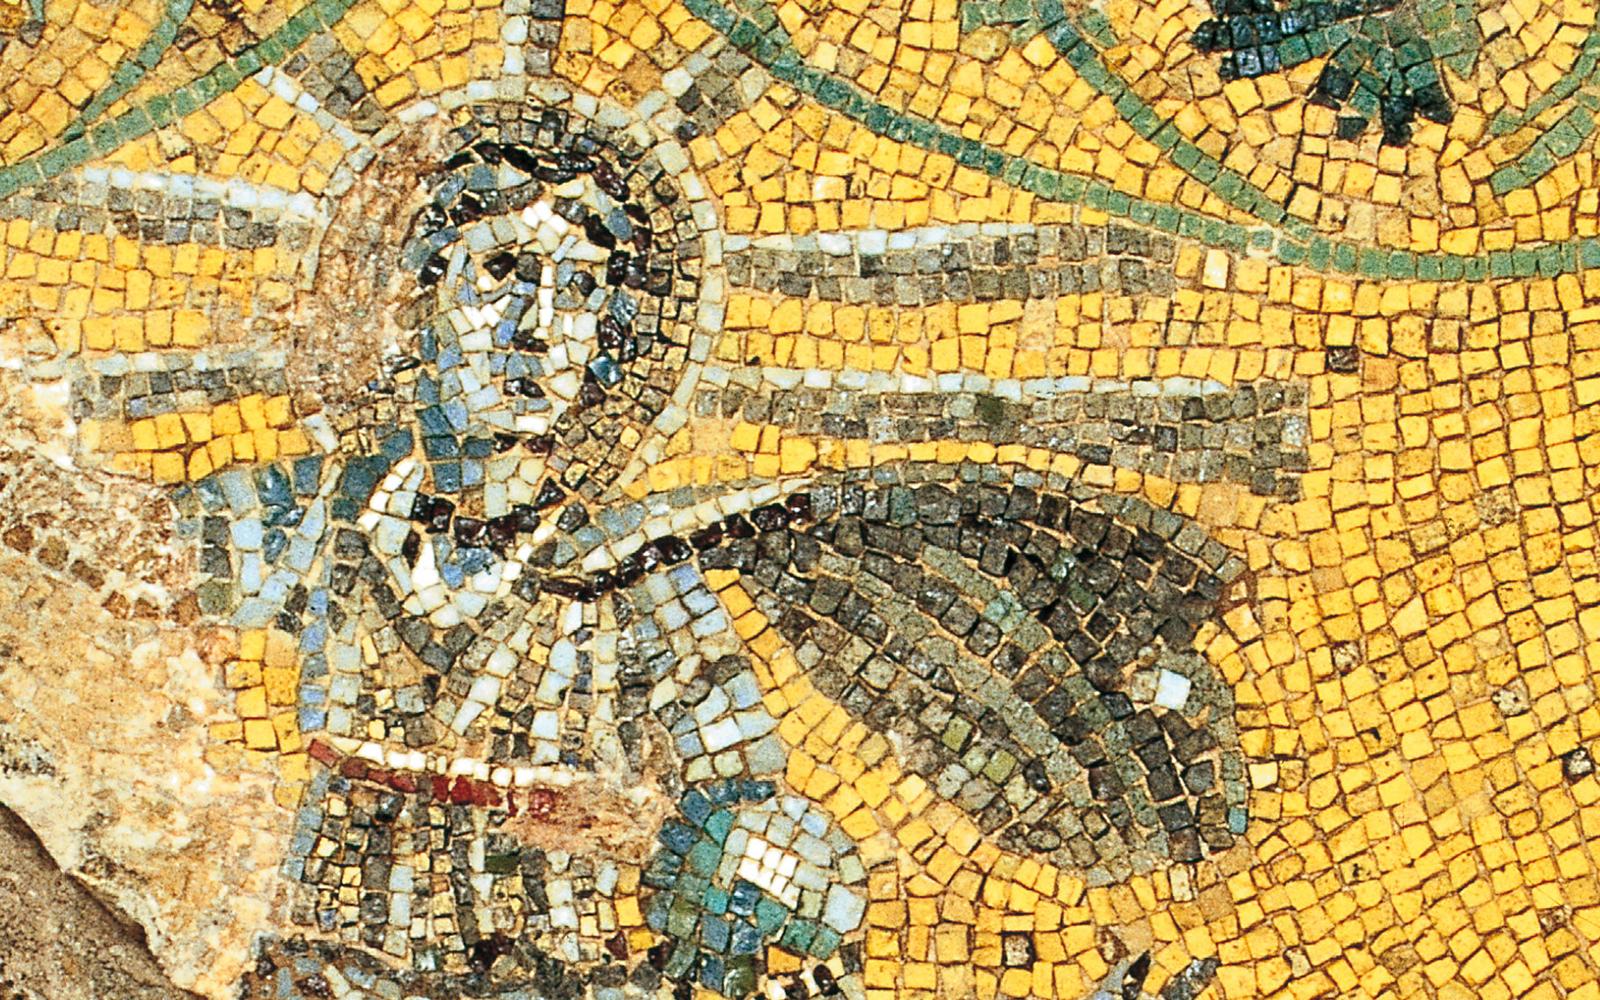 Vatican Necropolis Tour – Unearth Ancient Roman History Beneath St. Peter's Basilica